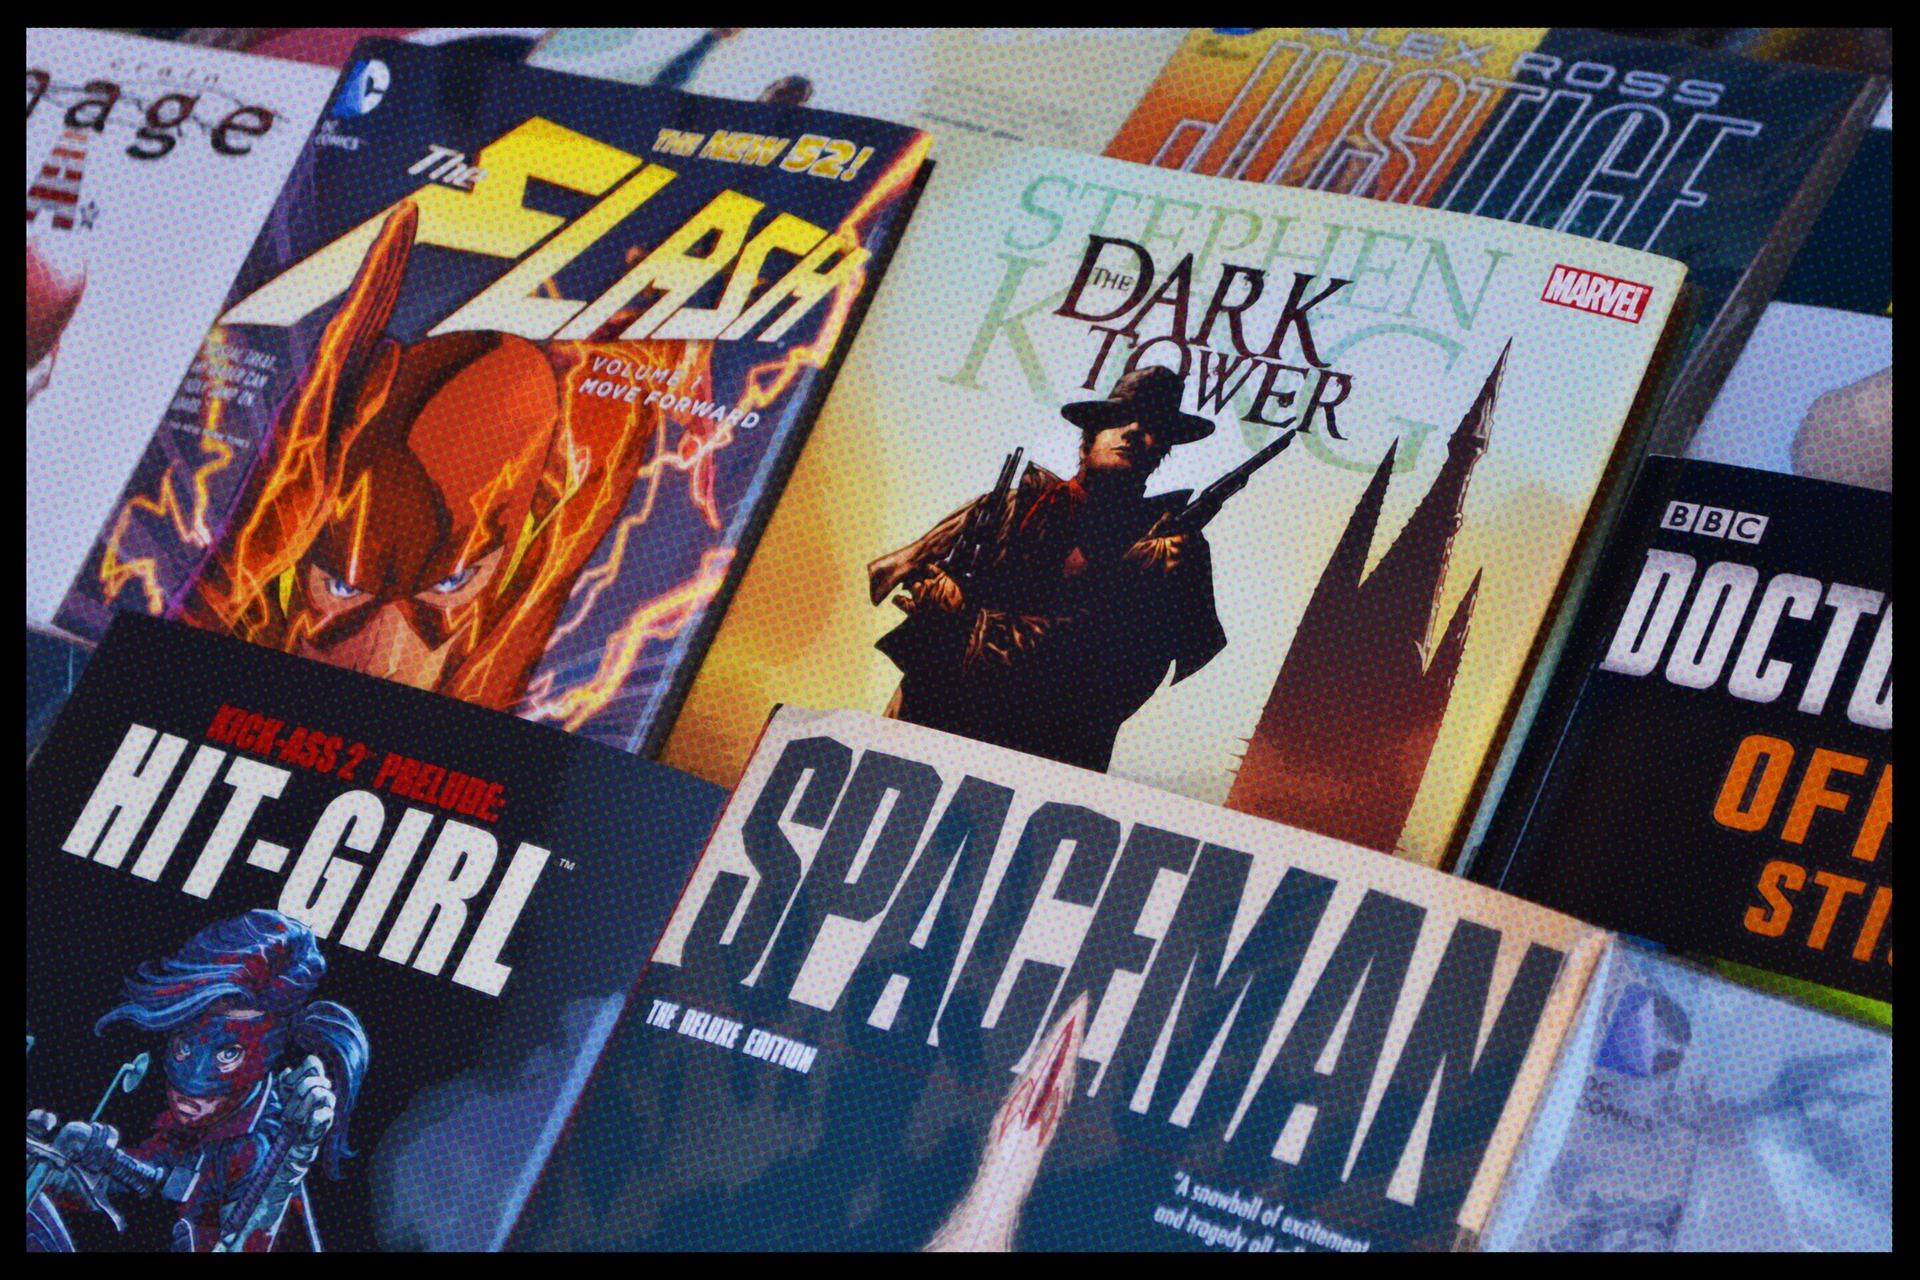 La mamá y el pop de los cómics y los libros ilustrados de NFT